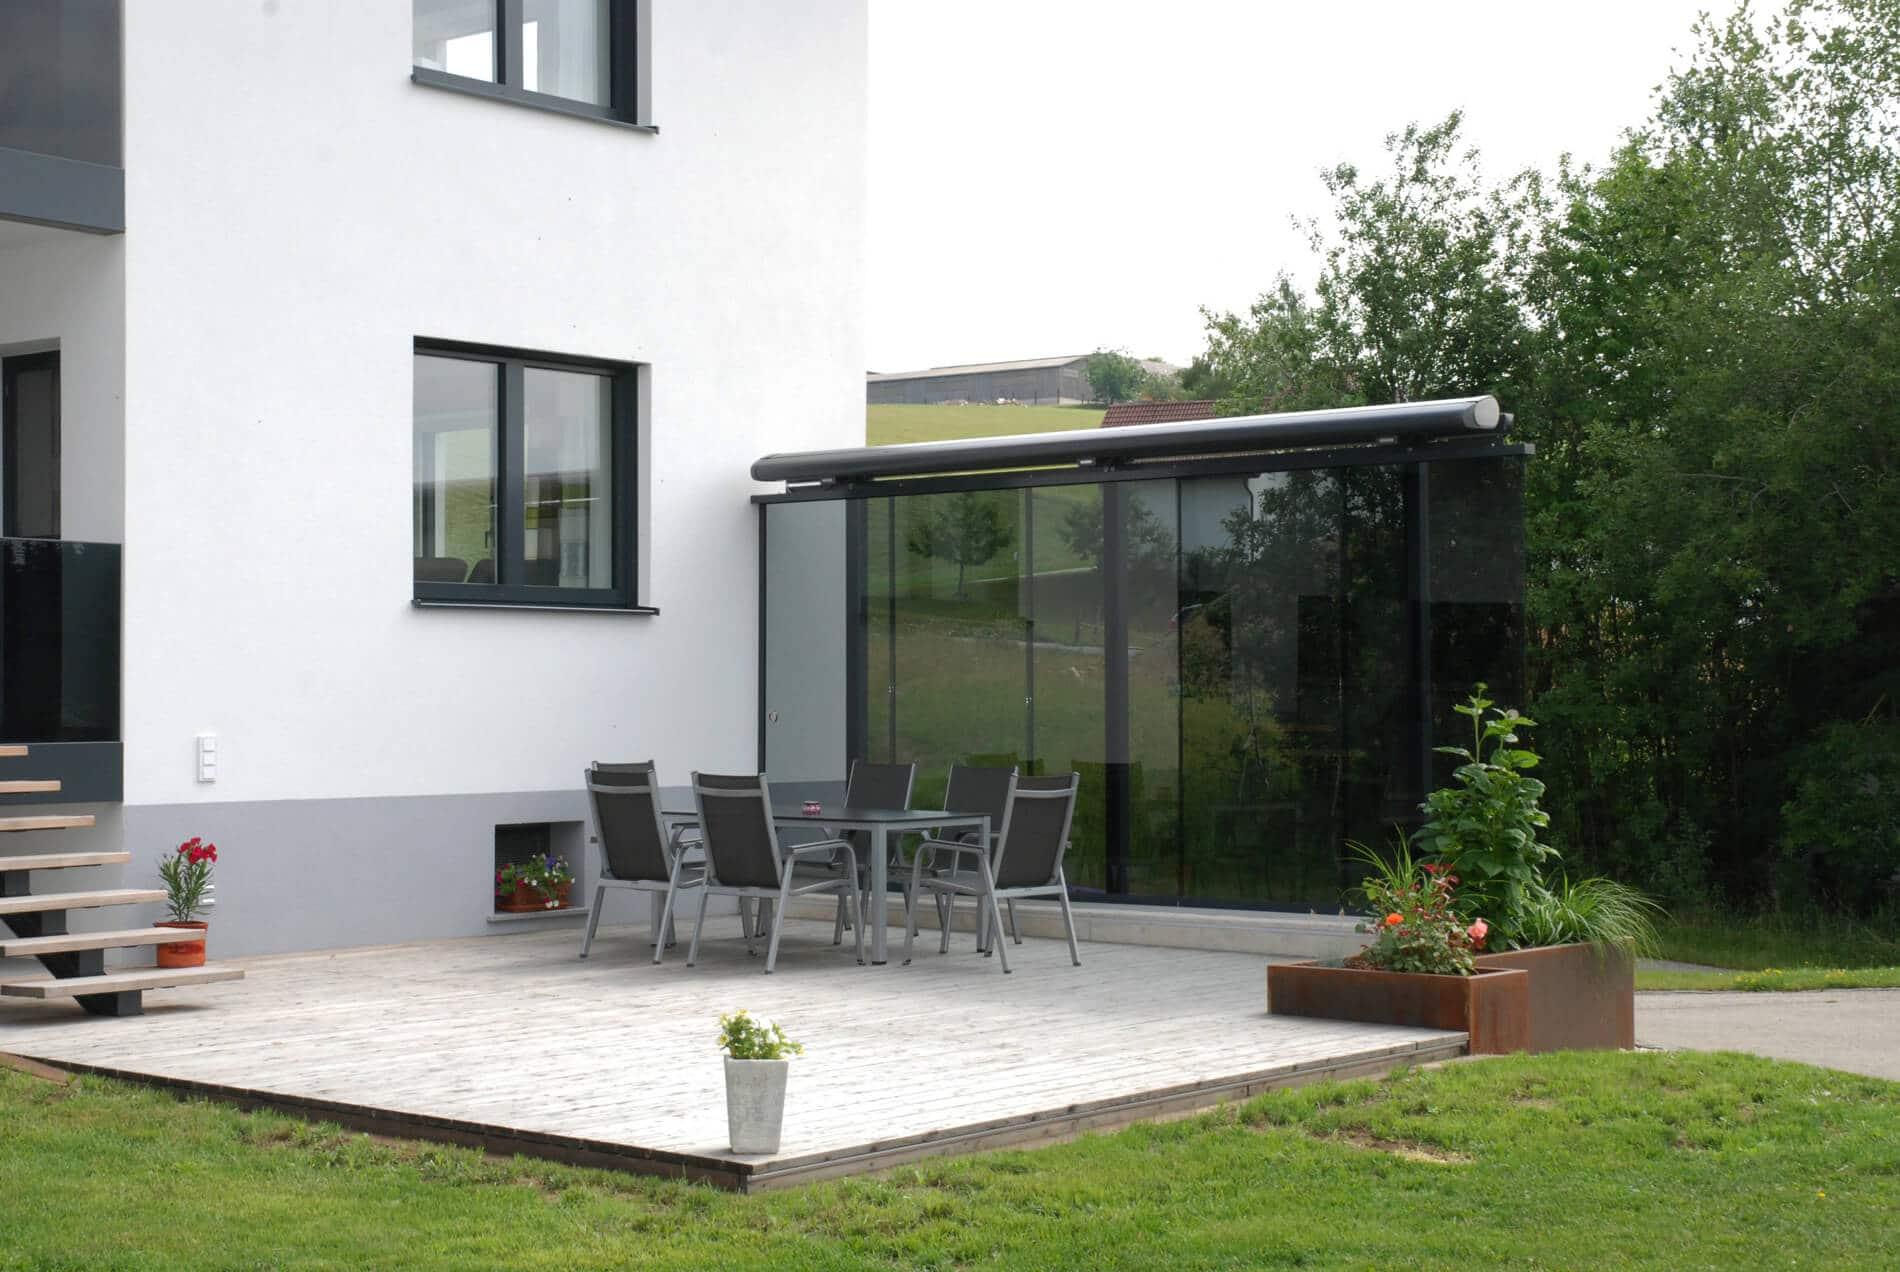 Schiebeelemente als Windschutz für Terrassen